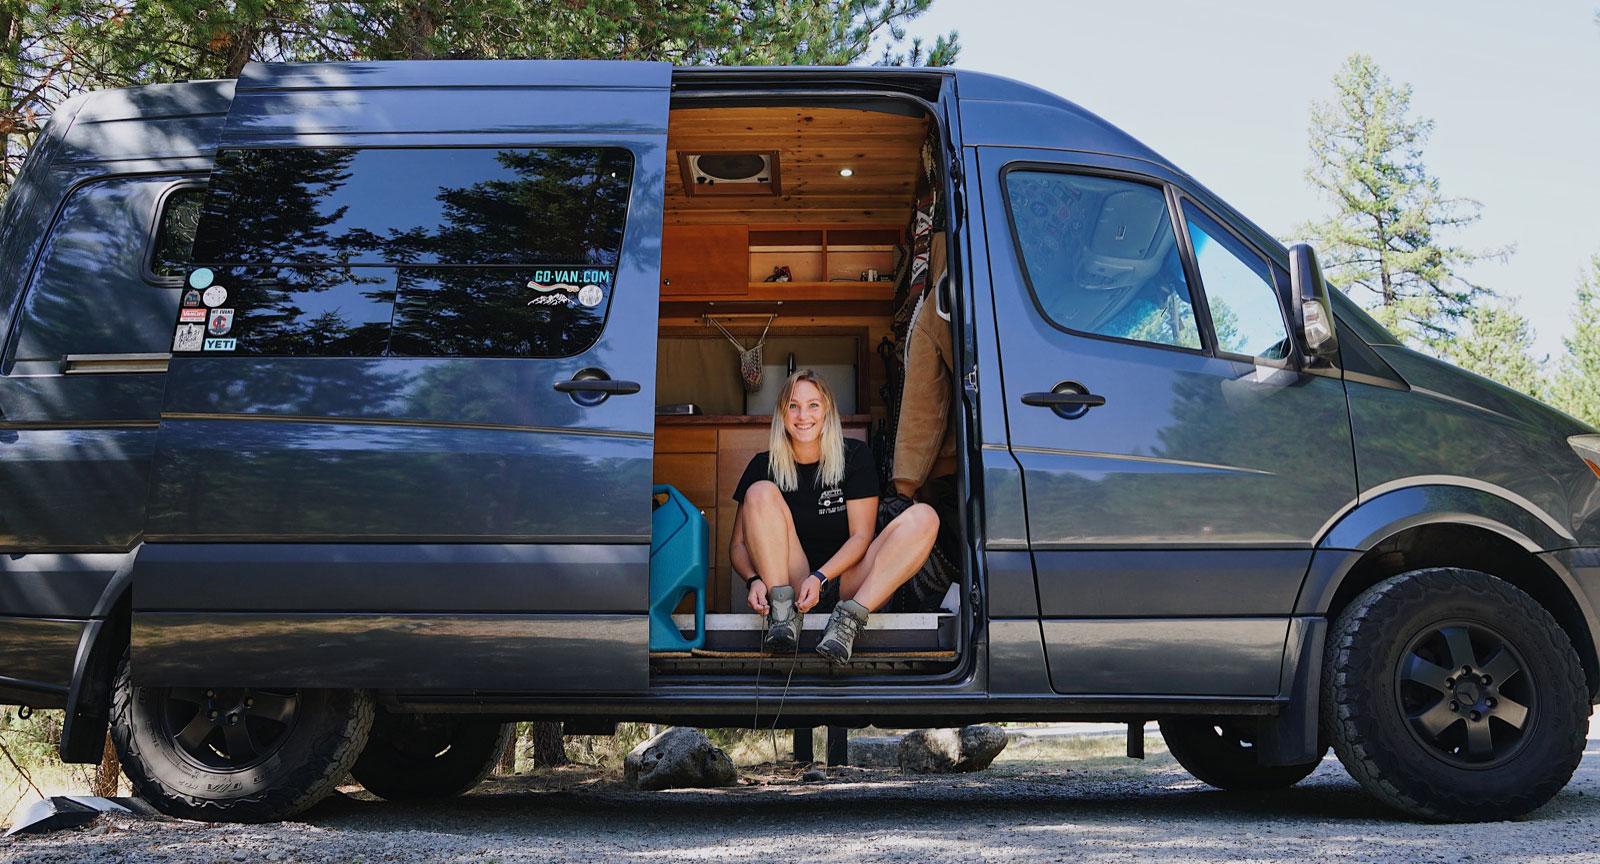 Van Life Katie Larson putting on hiking boots in her van at a primitive campsite